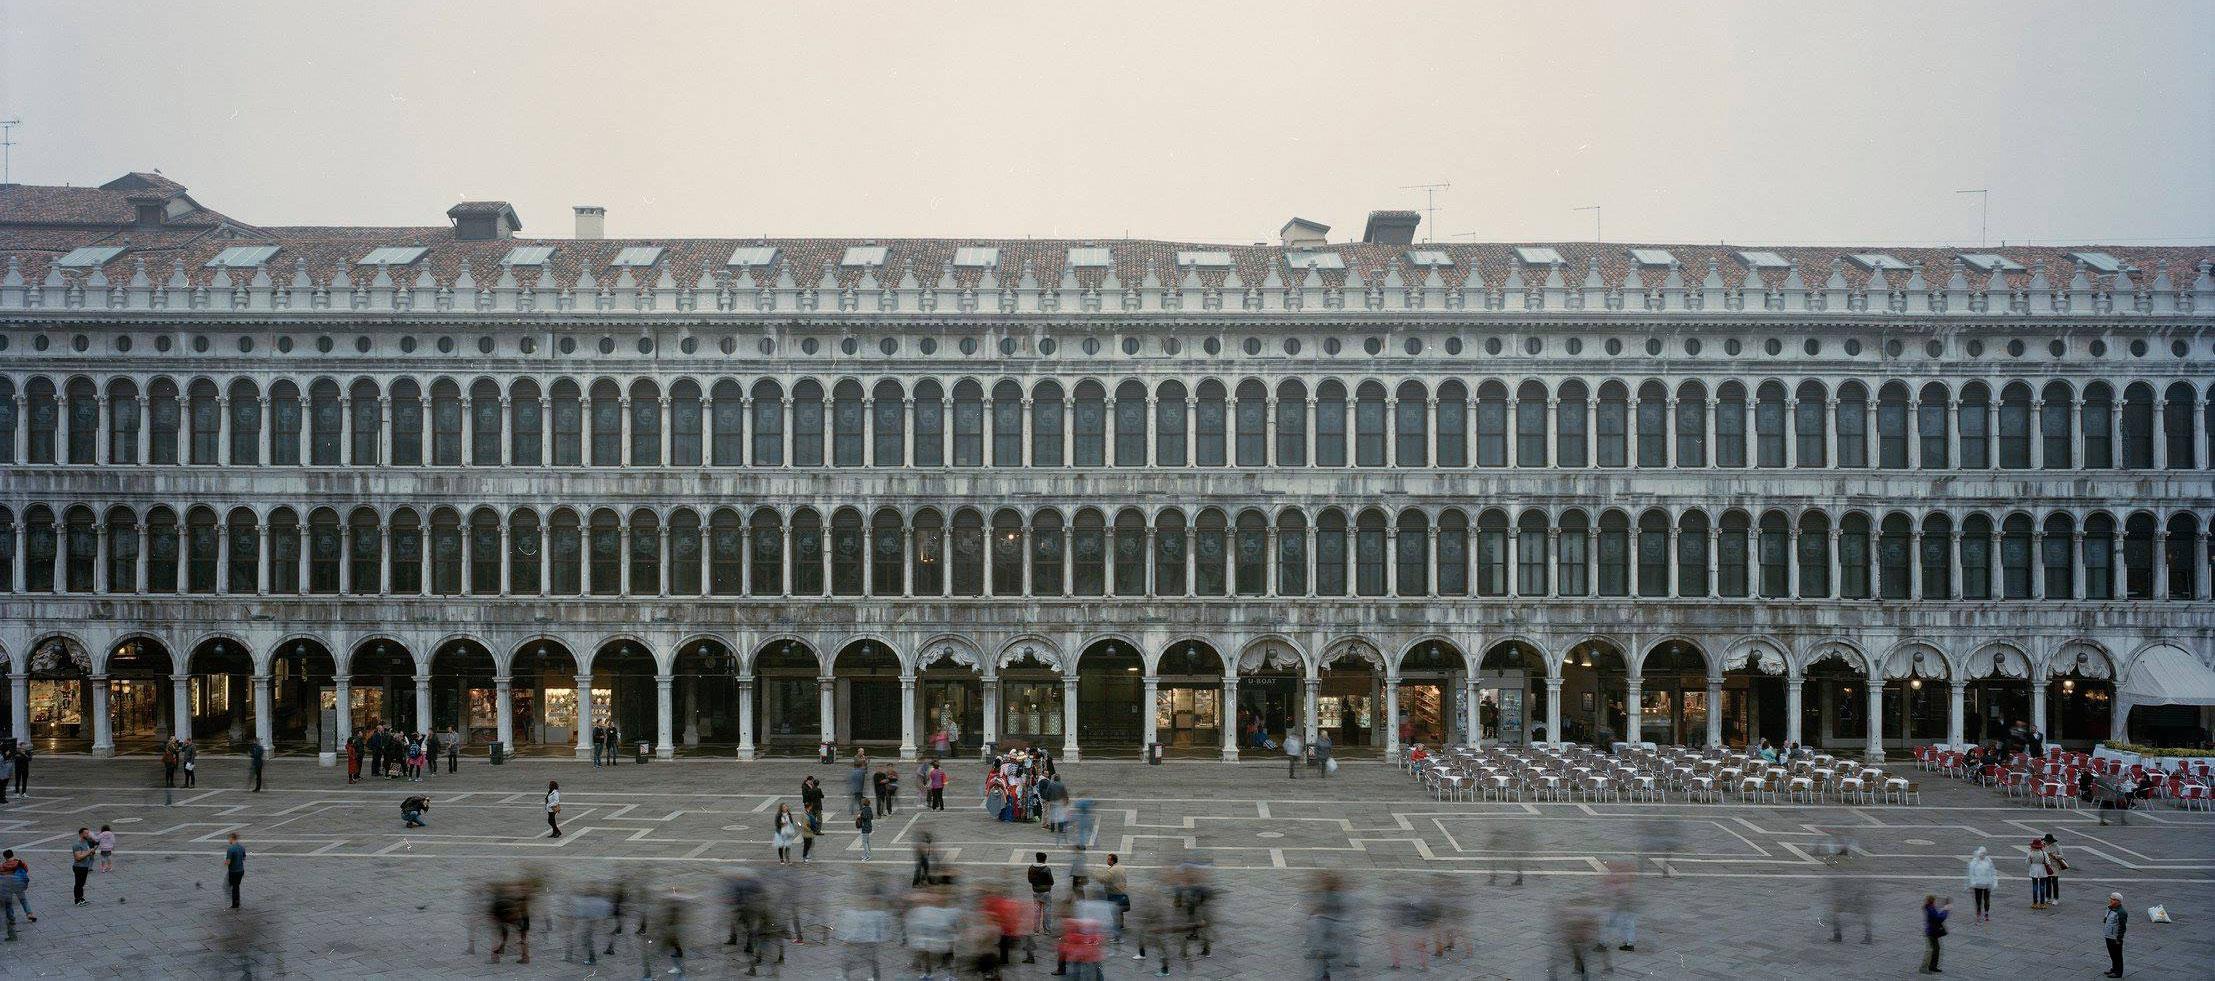 Gran proyecto de restauración para reconectar y revitalizar Piazza San Marco por David Chipperfield. Imagen cortesía de Generali Group - Human Safety Net